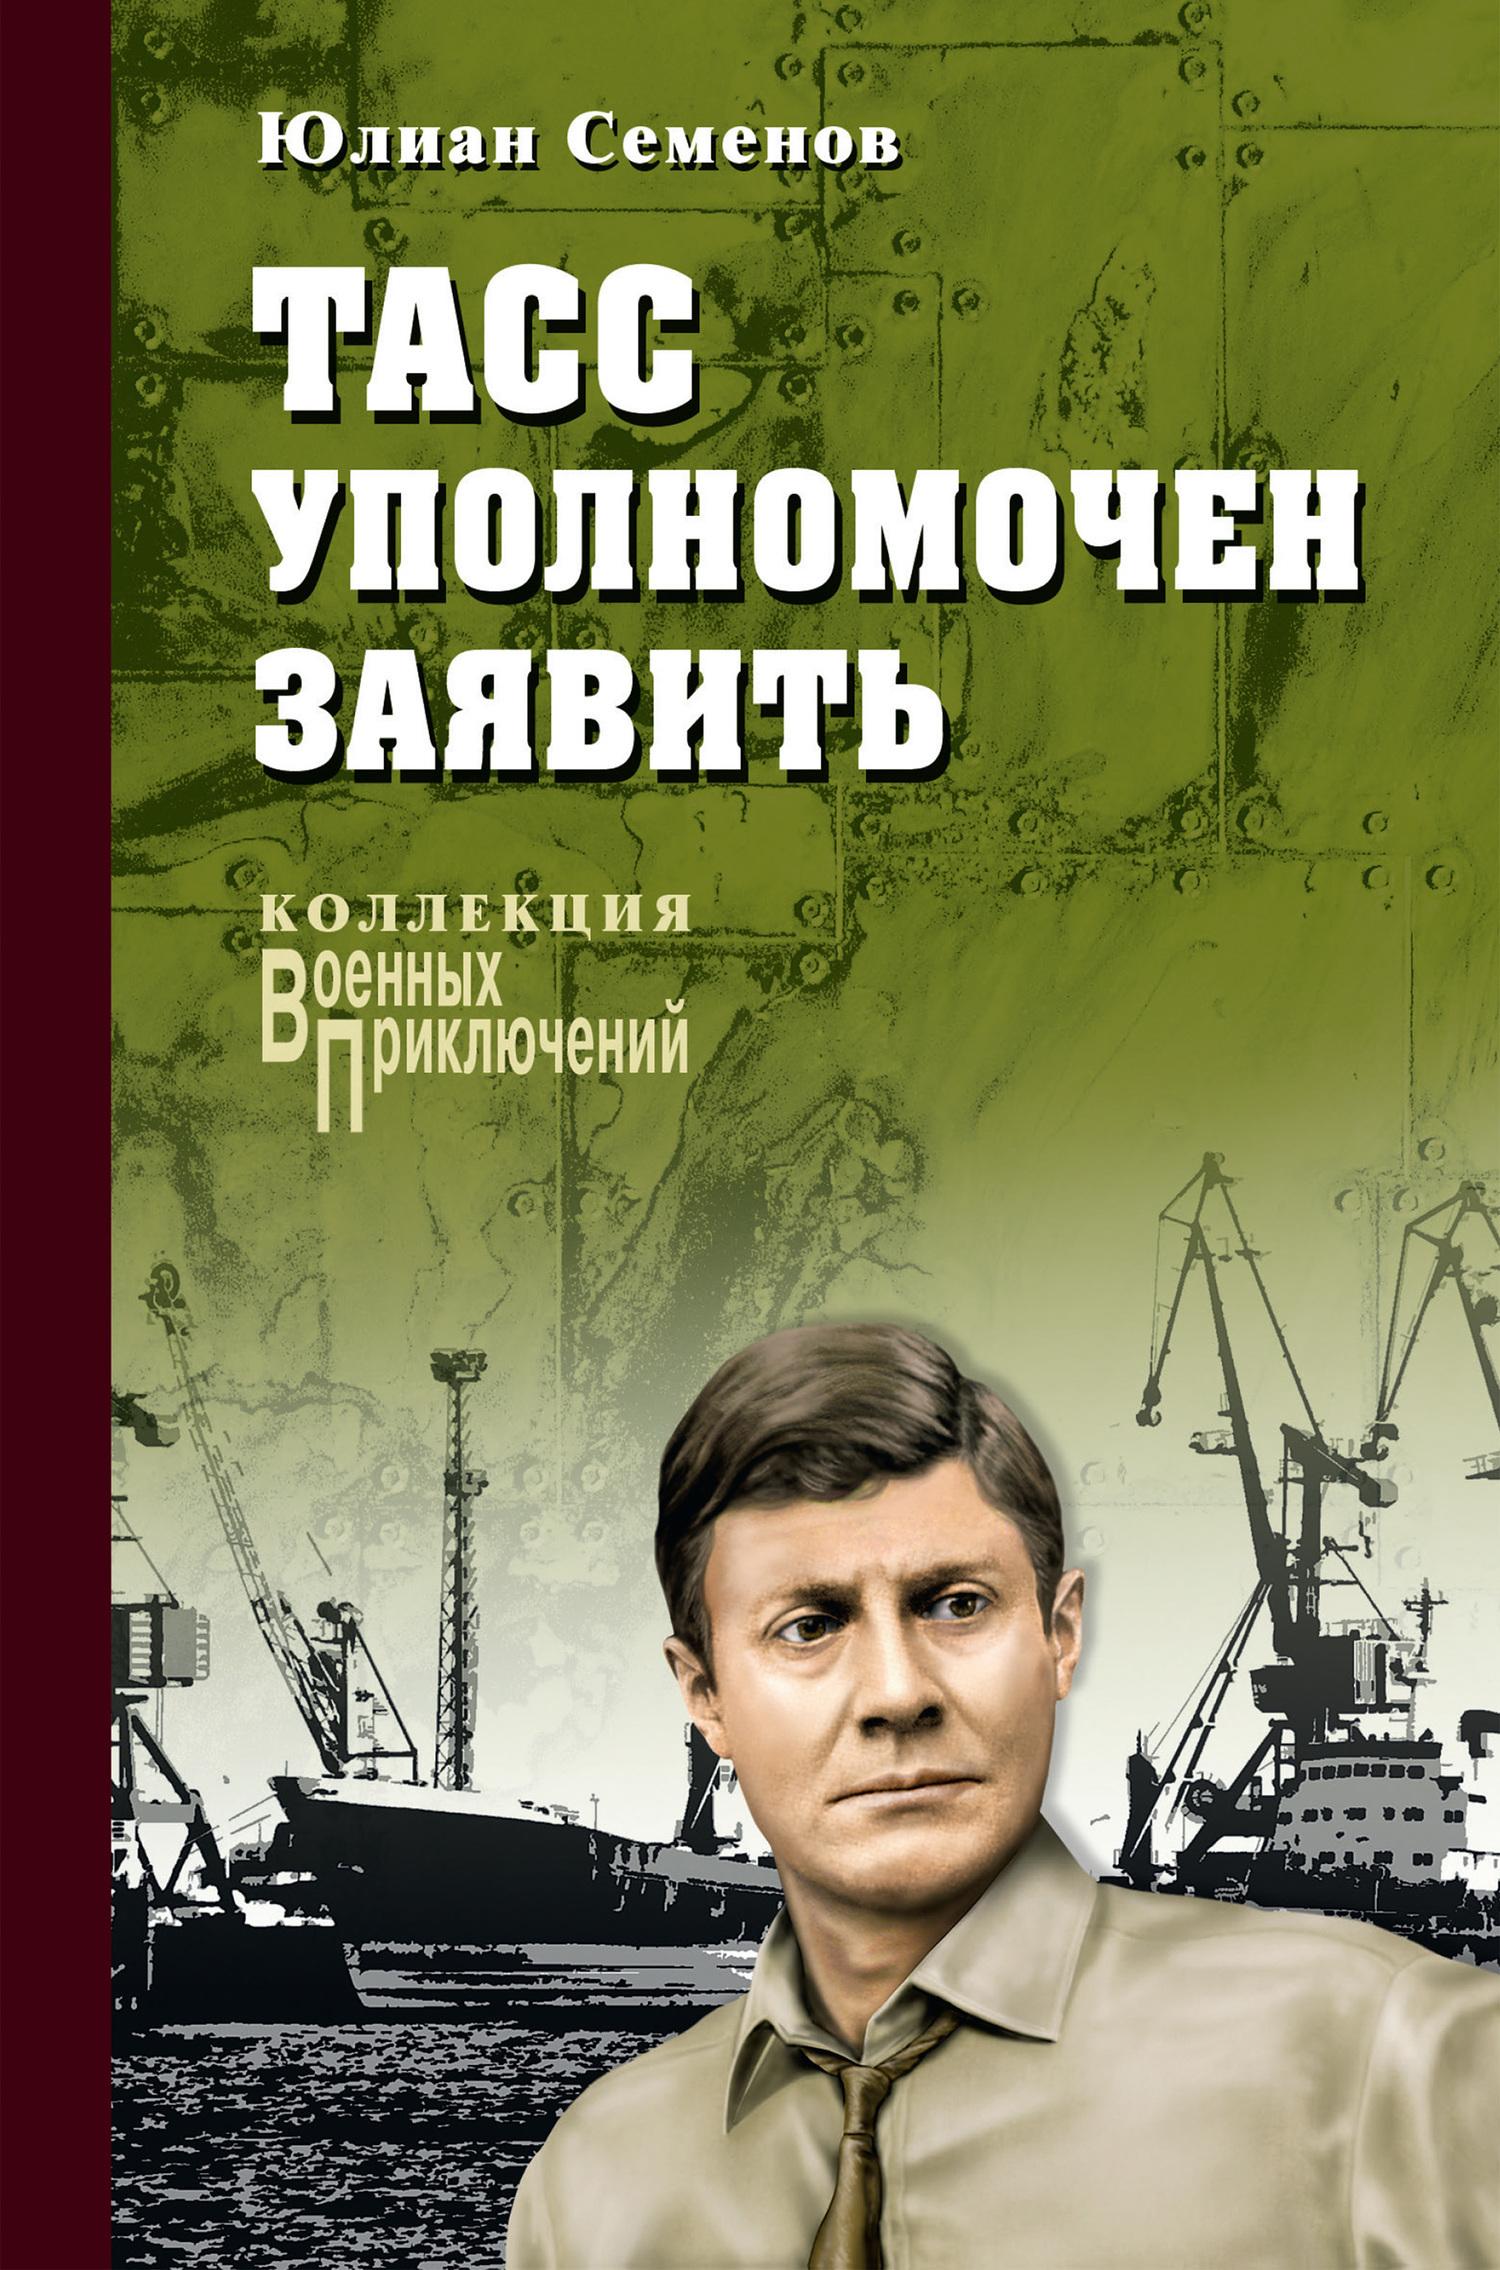 Юлиан Семенов - ТАСС уполномочен заявить…